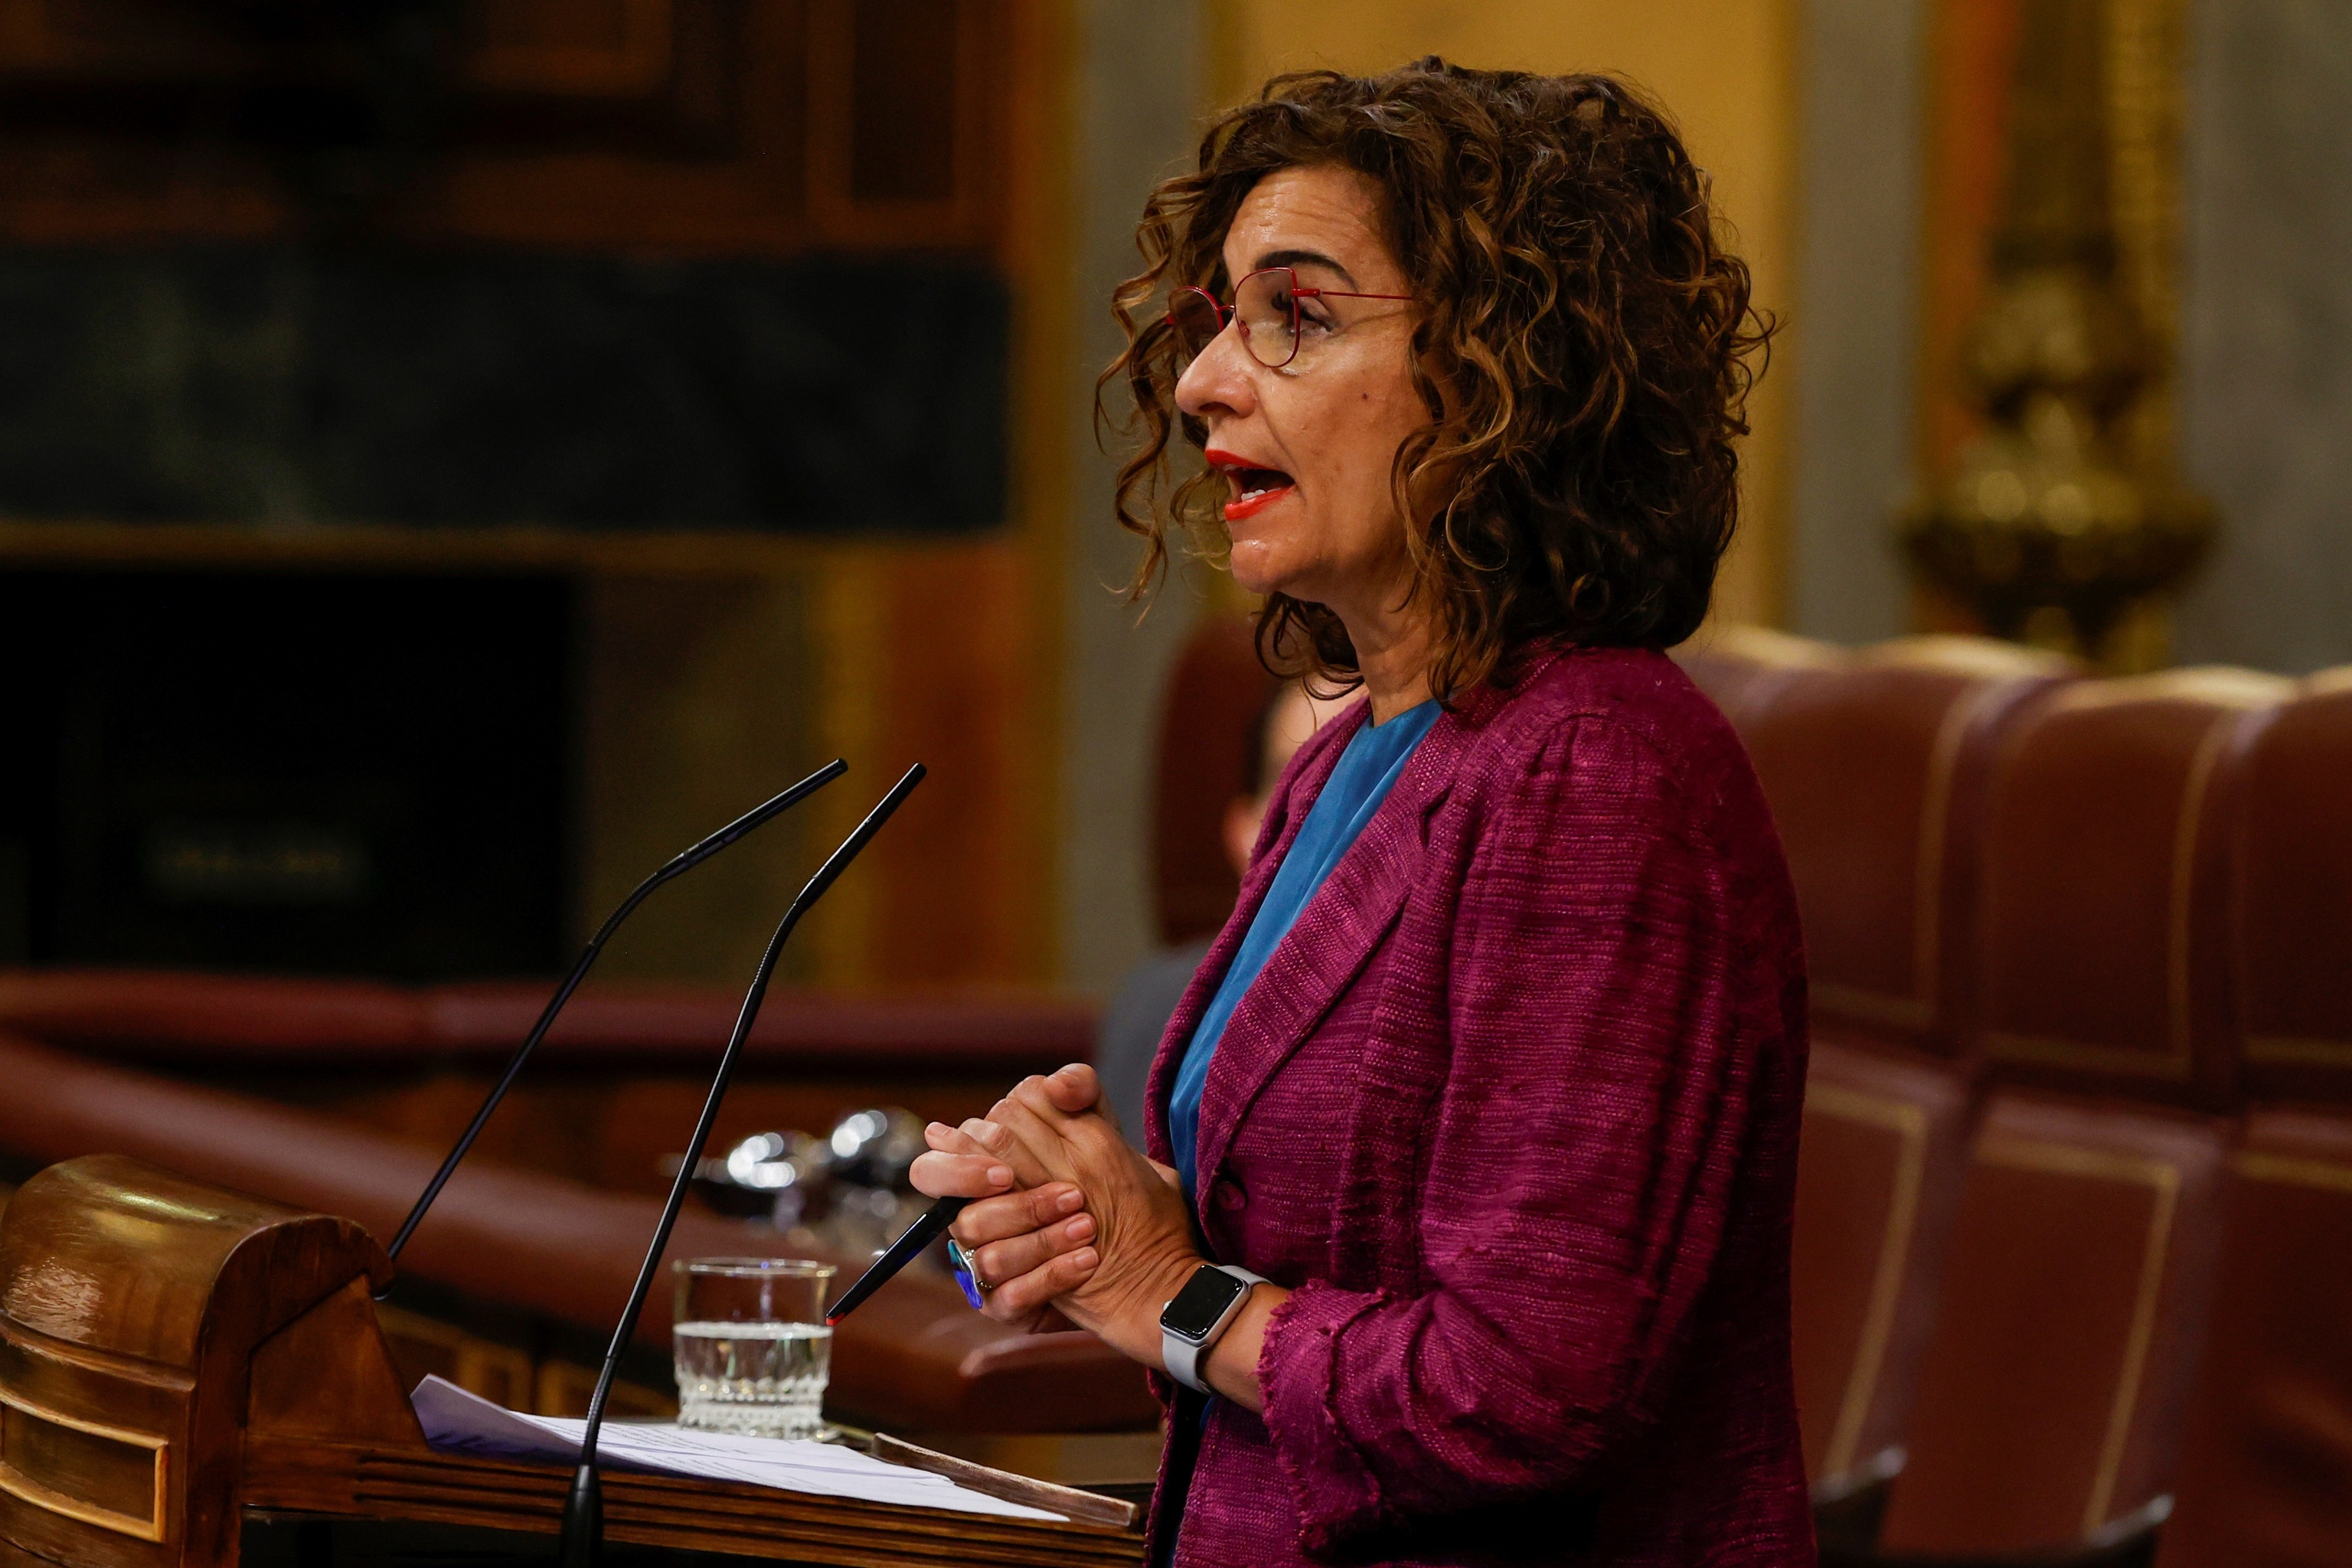 La ministra de Hacienda, María Jesús Montero, este miércoles en el Congreso.